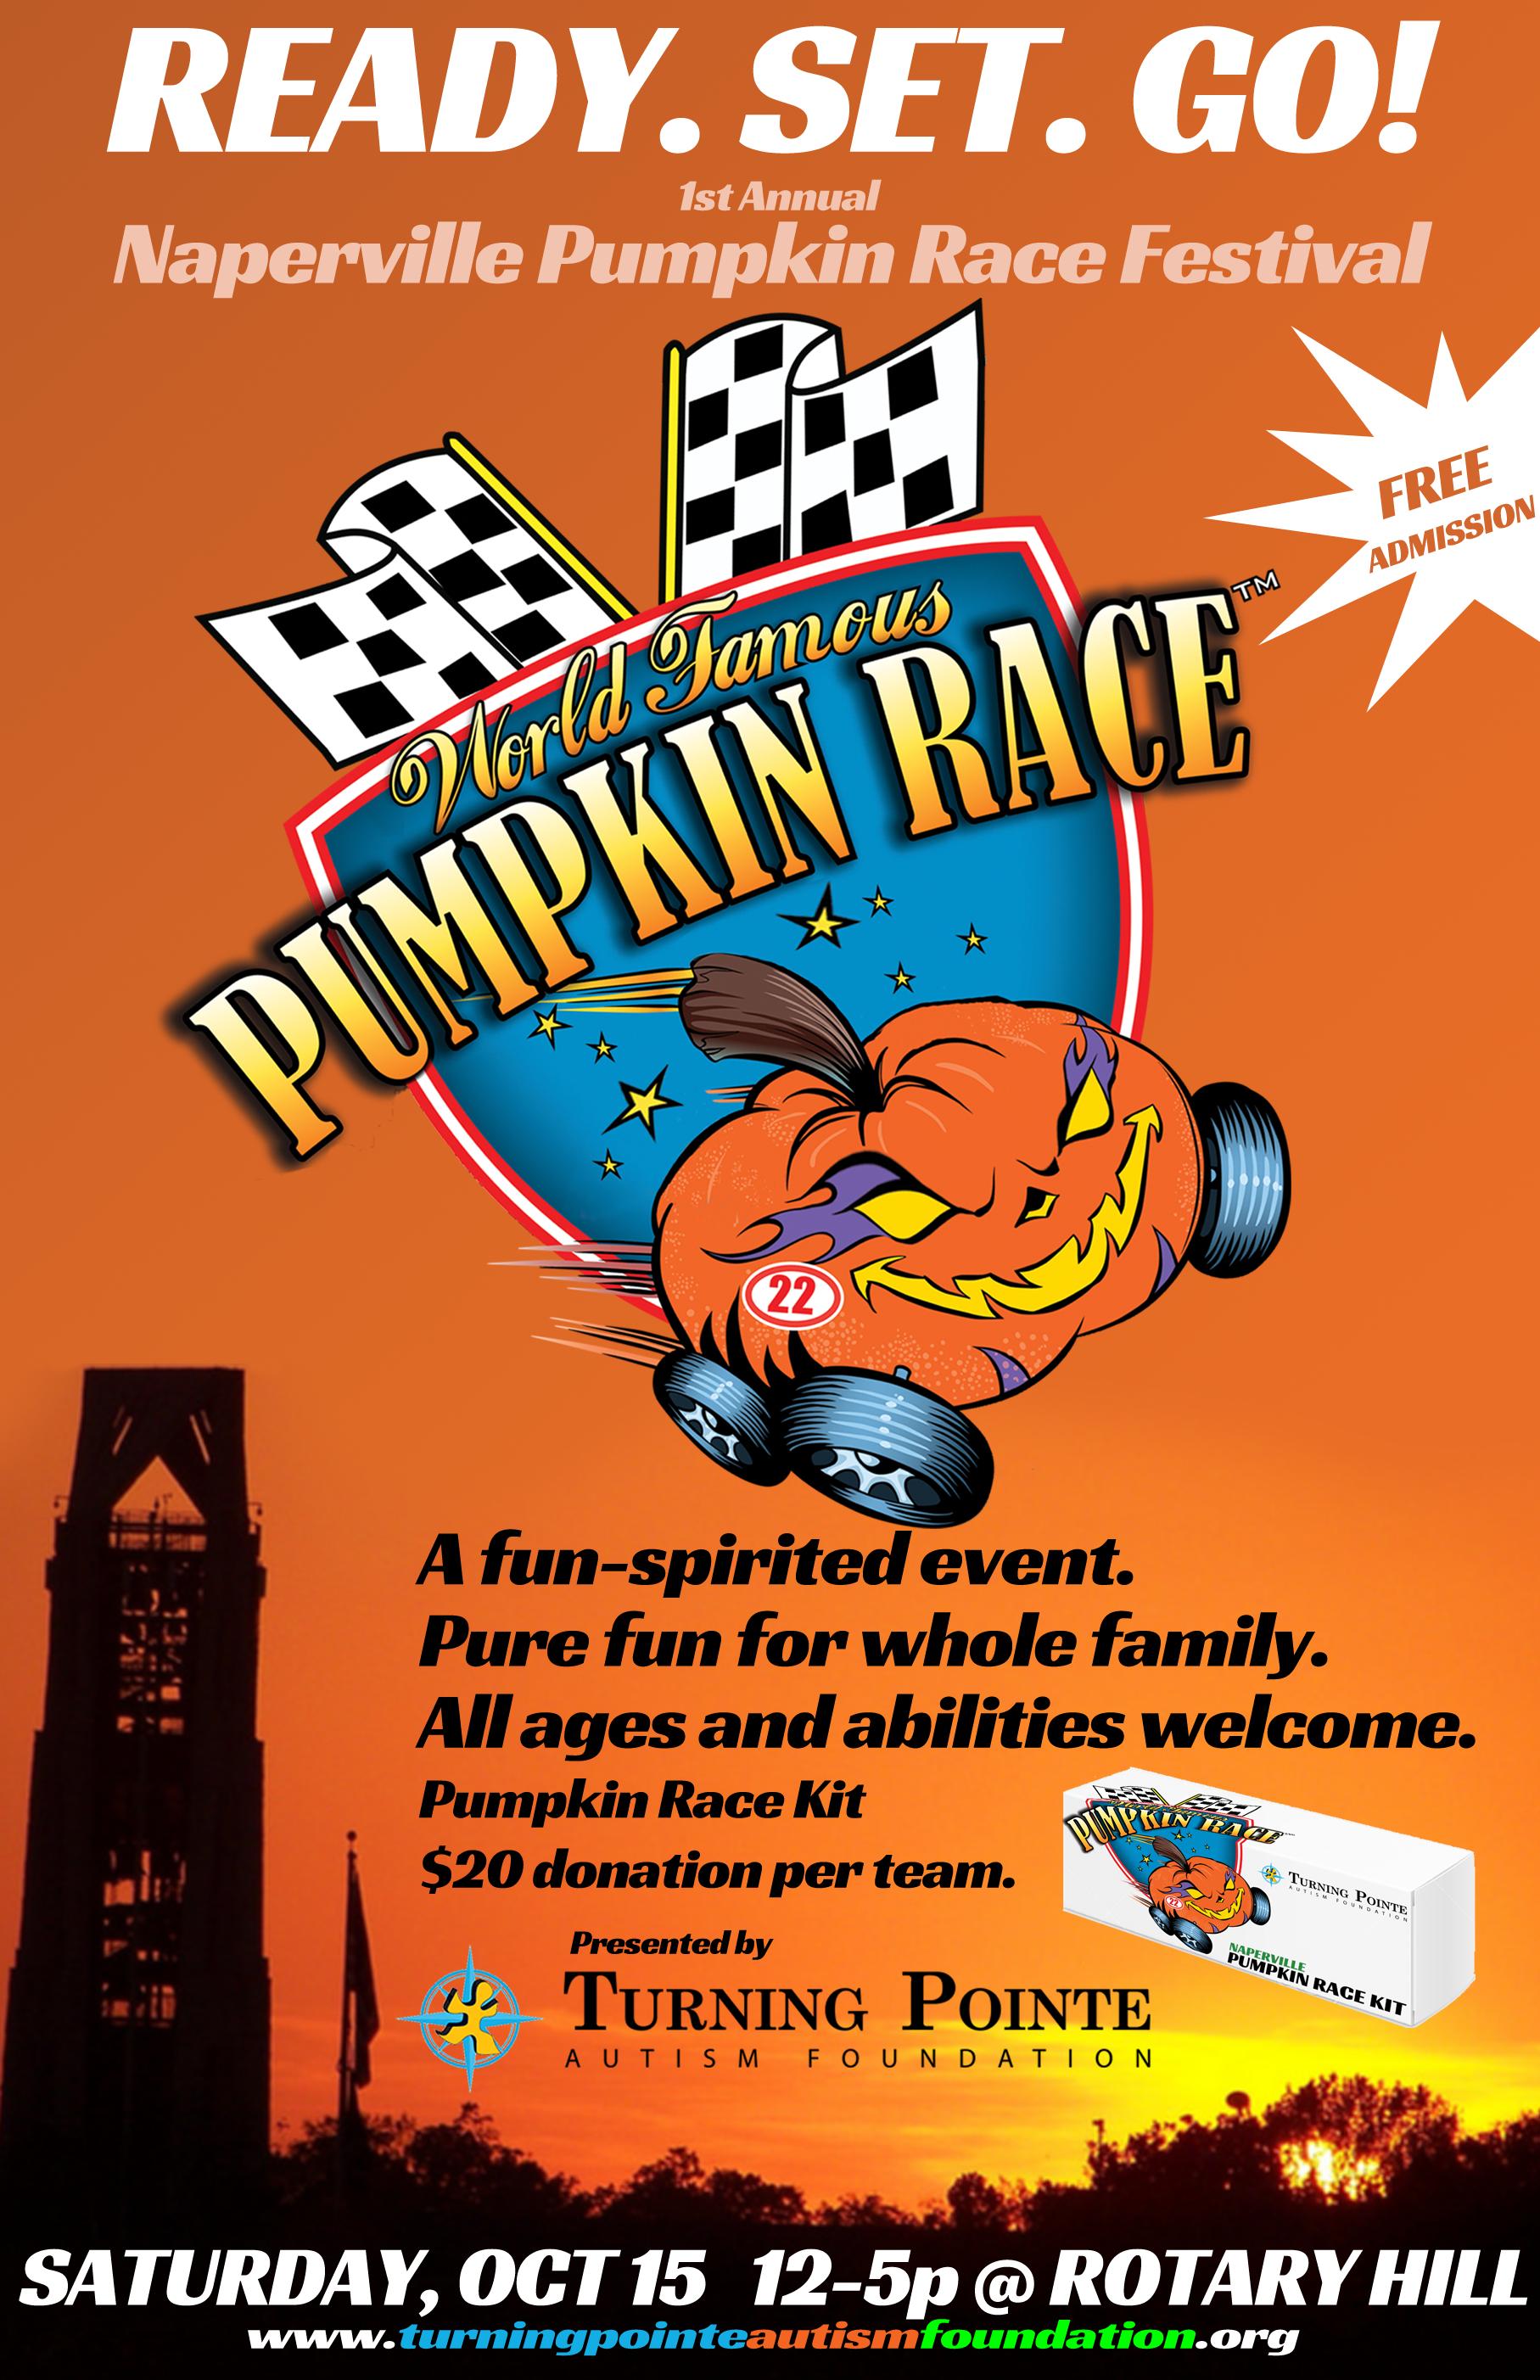 2016-Naperville-Pumpkin-Race-Poster-v2